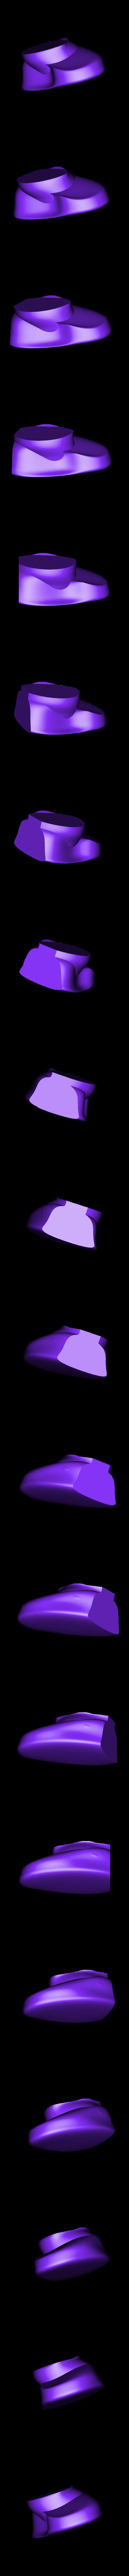 Right Shoe.stl Télécharger fichier STL gratuit Don Lemon • Objet pour impression 3D, MyVx35